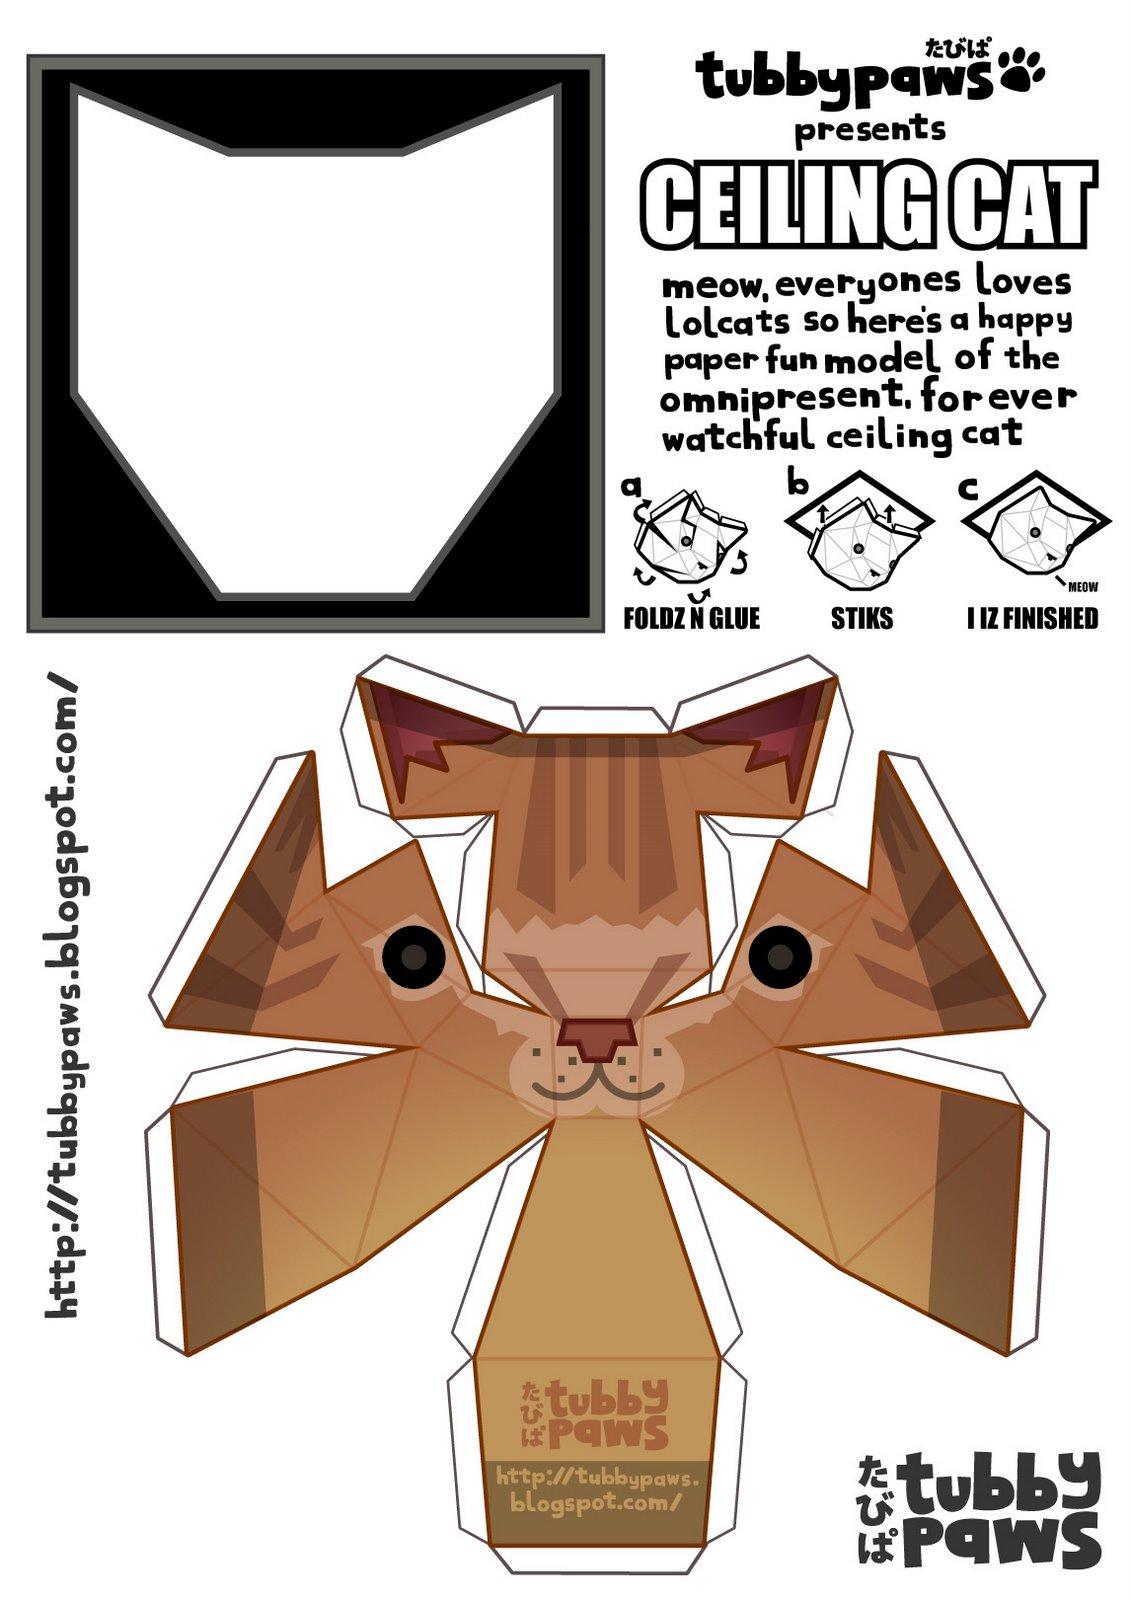 [ceiling_cat.jpg]